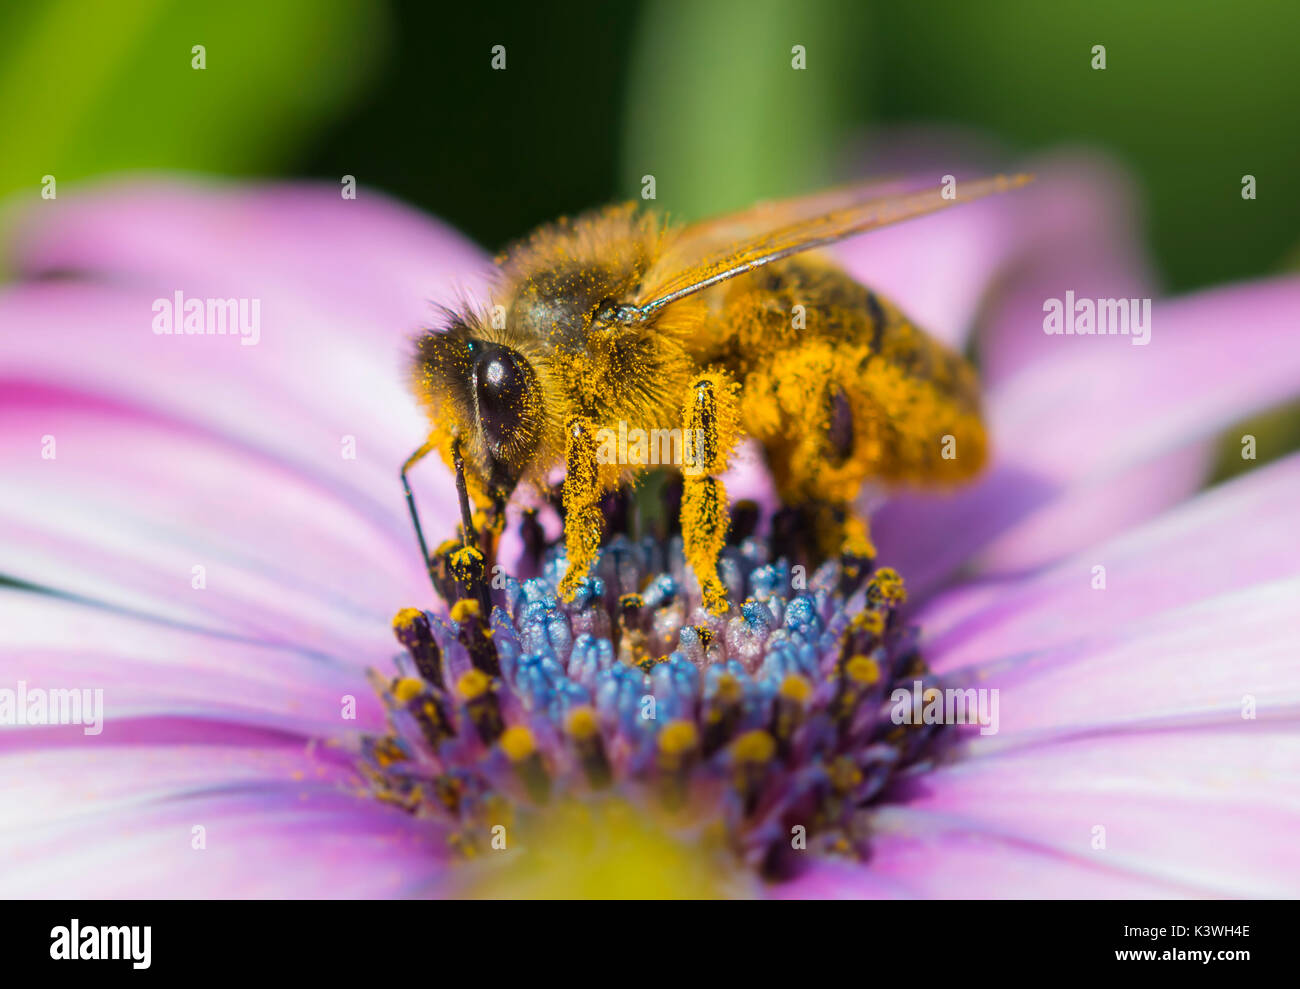 Die europäische Honigbiene (Apis mellifera) auf einem Osteospermum ecklonis (African Daisy) die Bestäubung der Blüten in Sussex, UK. Die bestäubung Biene Makro. Stockbild